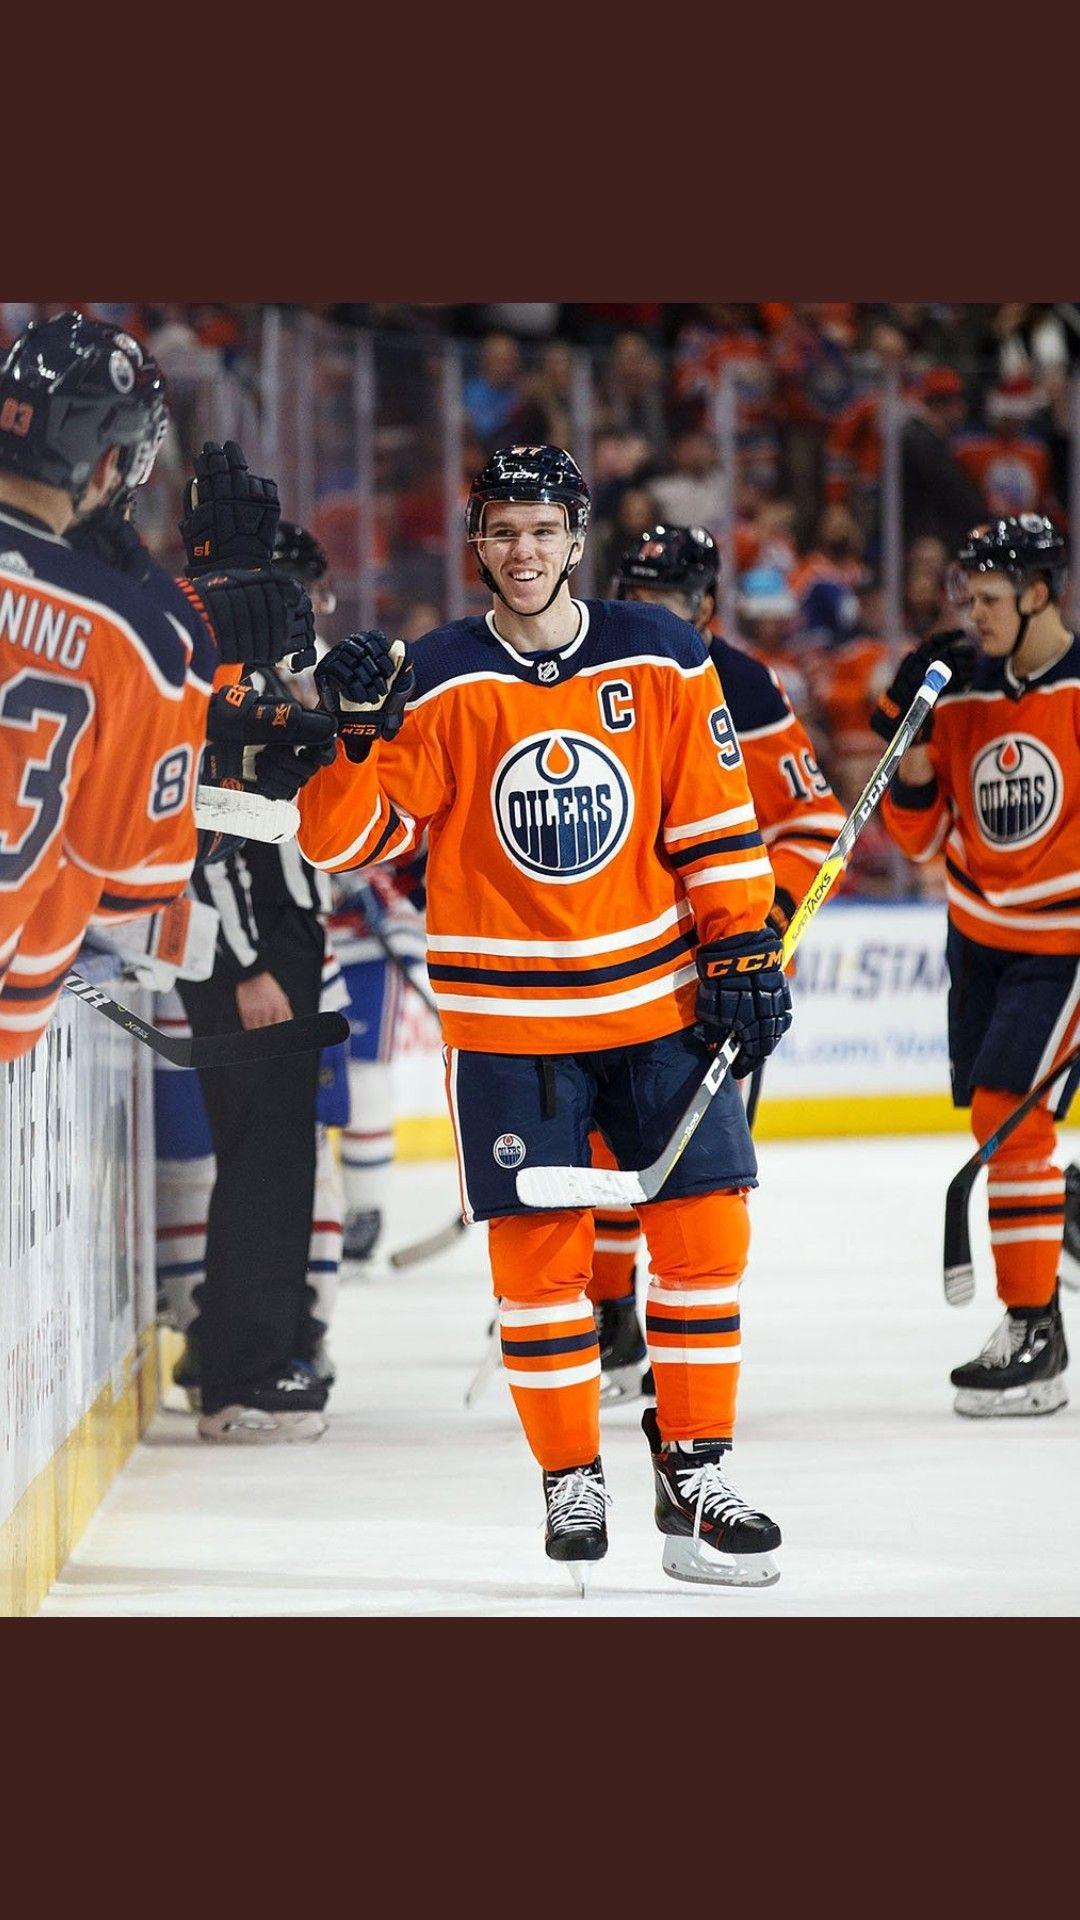 Pin by Mallory Schutt on Edmonton Oilers/Hockey Love